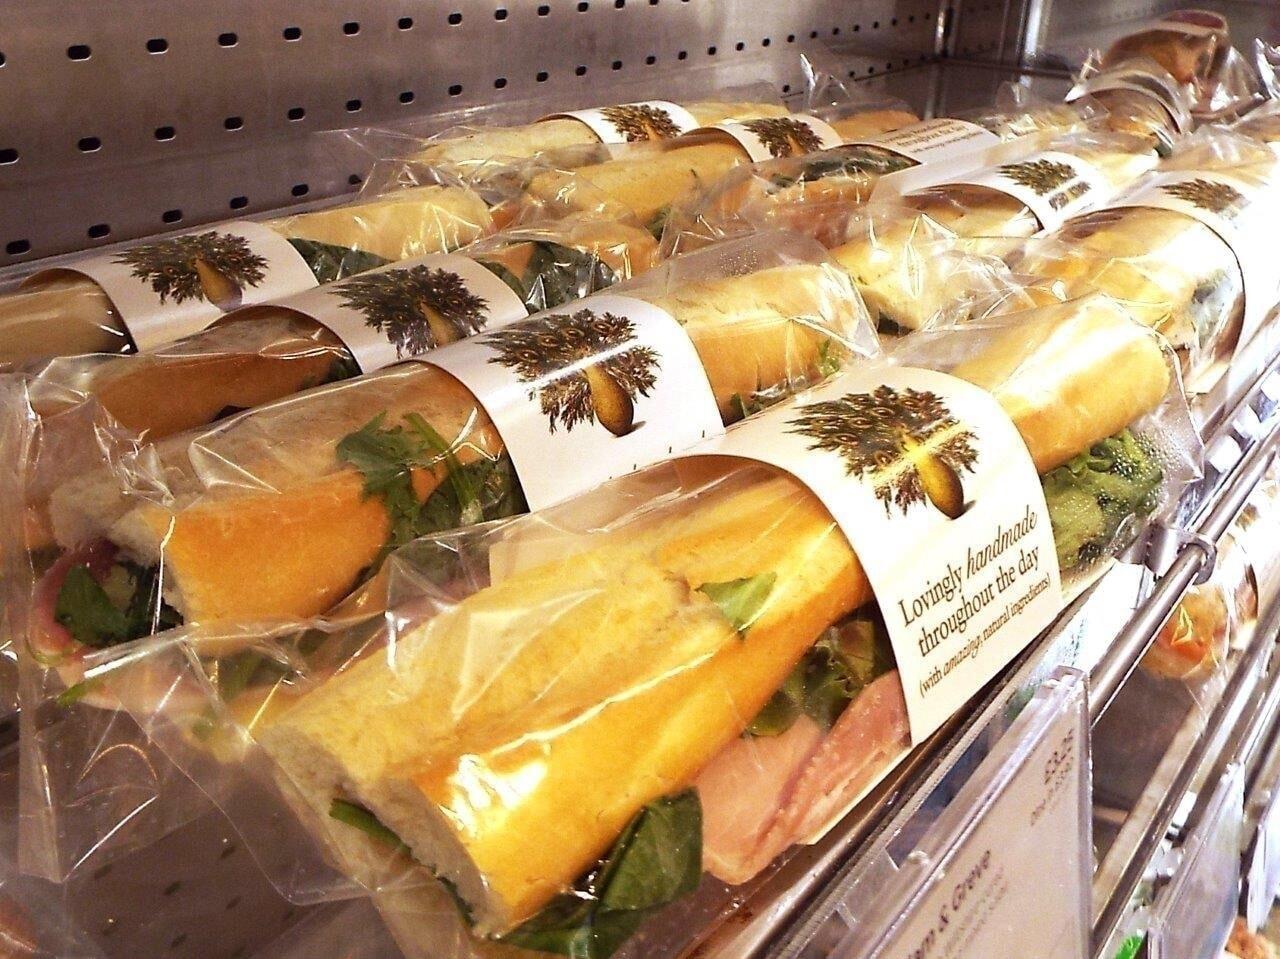 Pret Surplus Baguettes